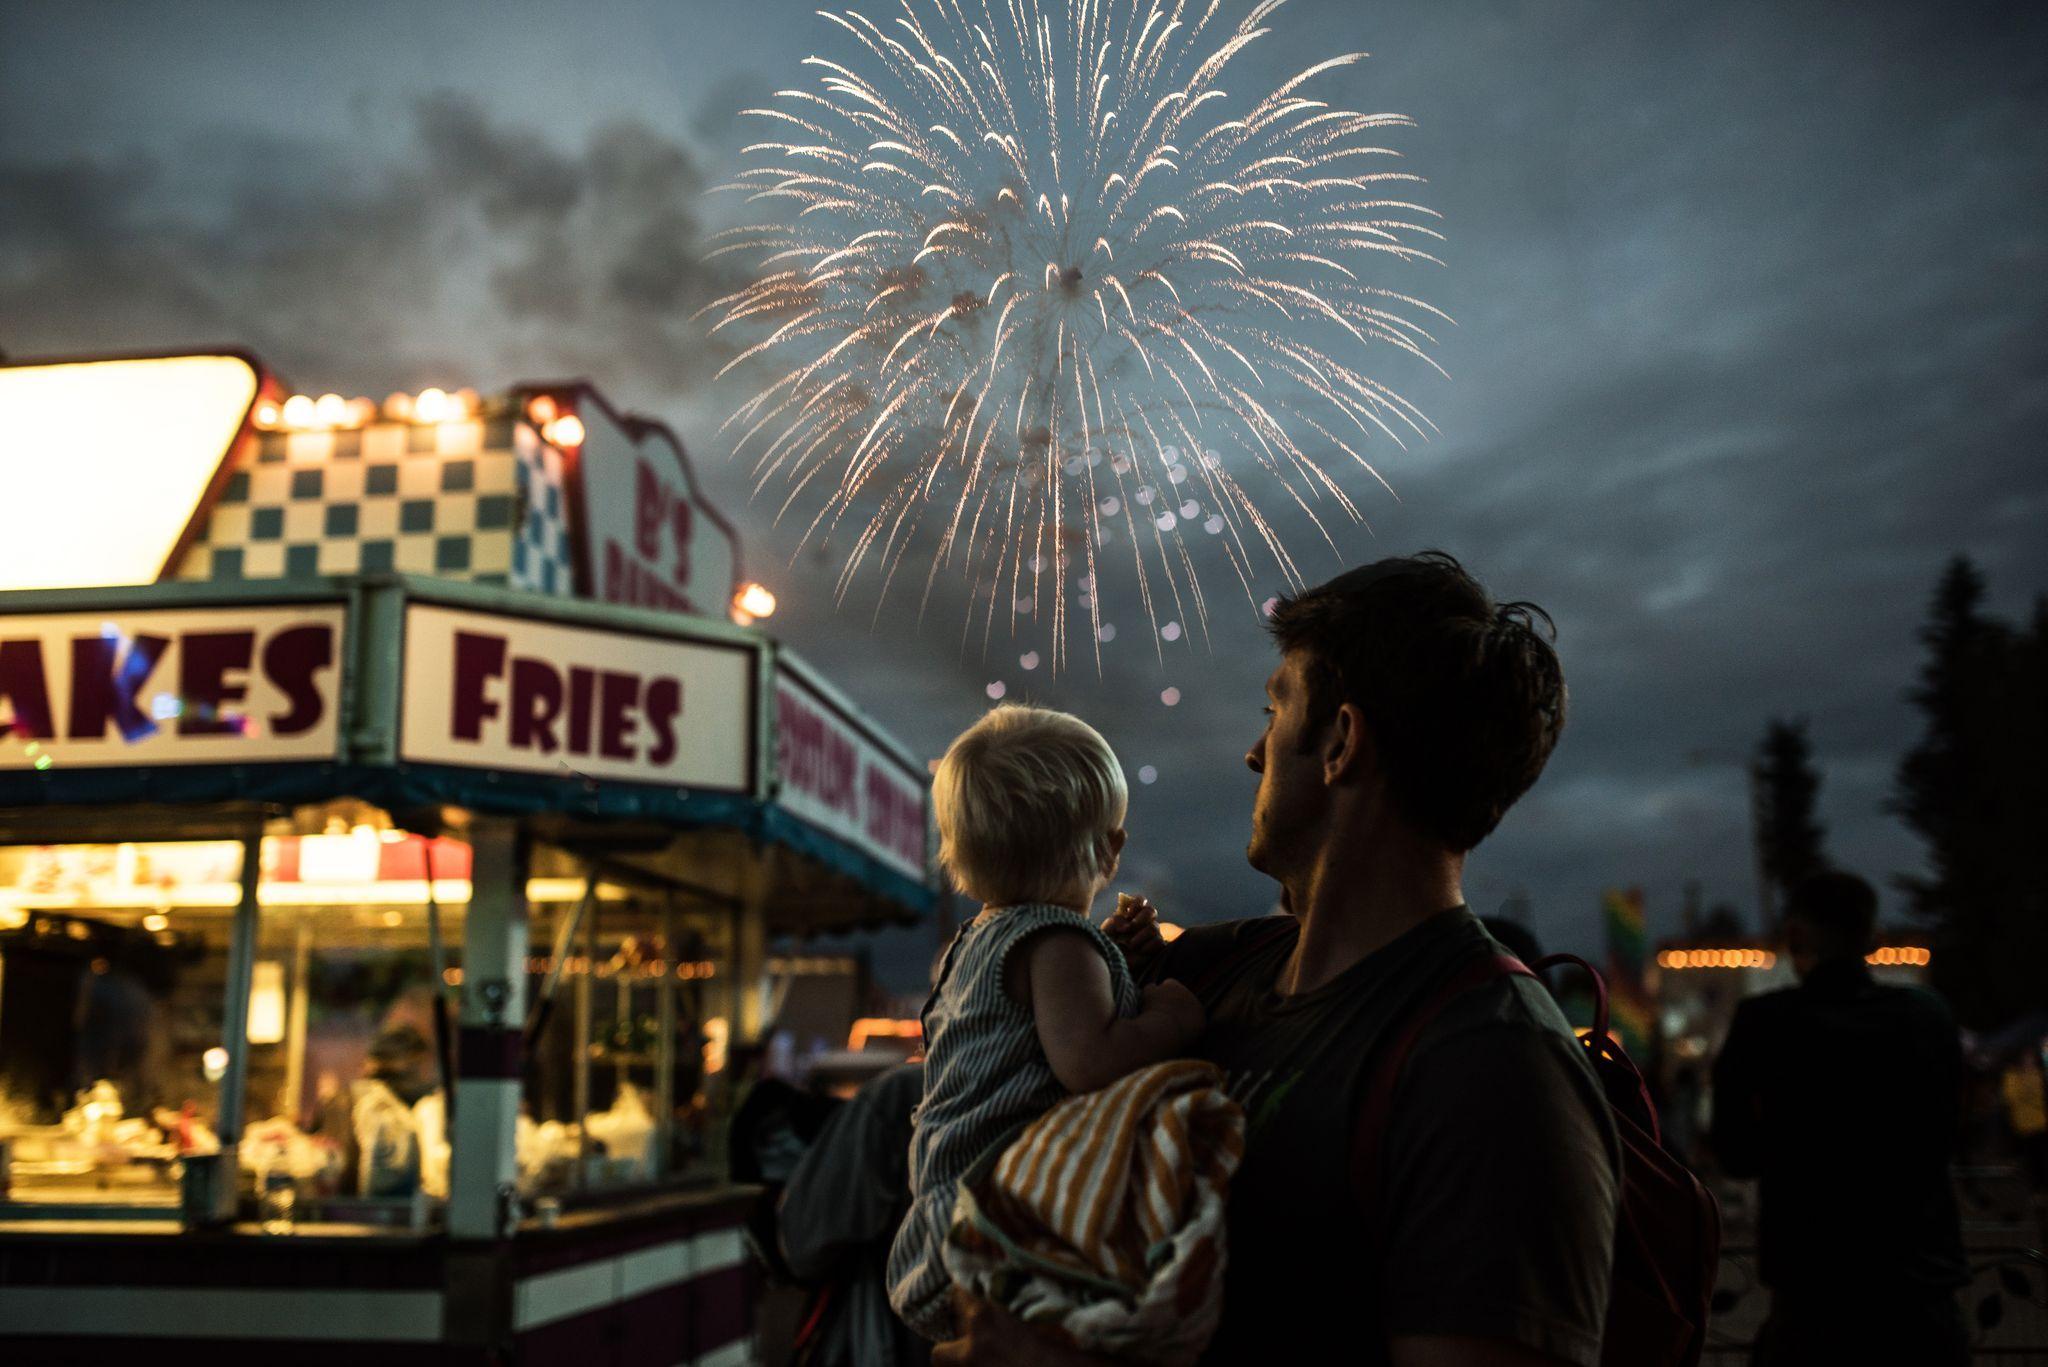 پدری با پسر خردسالش در حال تماشای آتشبازی در نمایشگاه ایالتی آلاسکا که در یک لحظه شکار دوربین عکاس شده است. عکاس: LINDSAY SAUNDERS